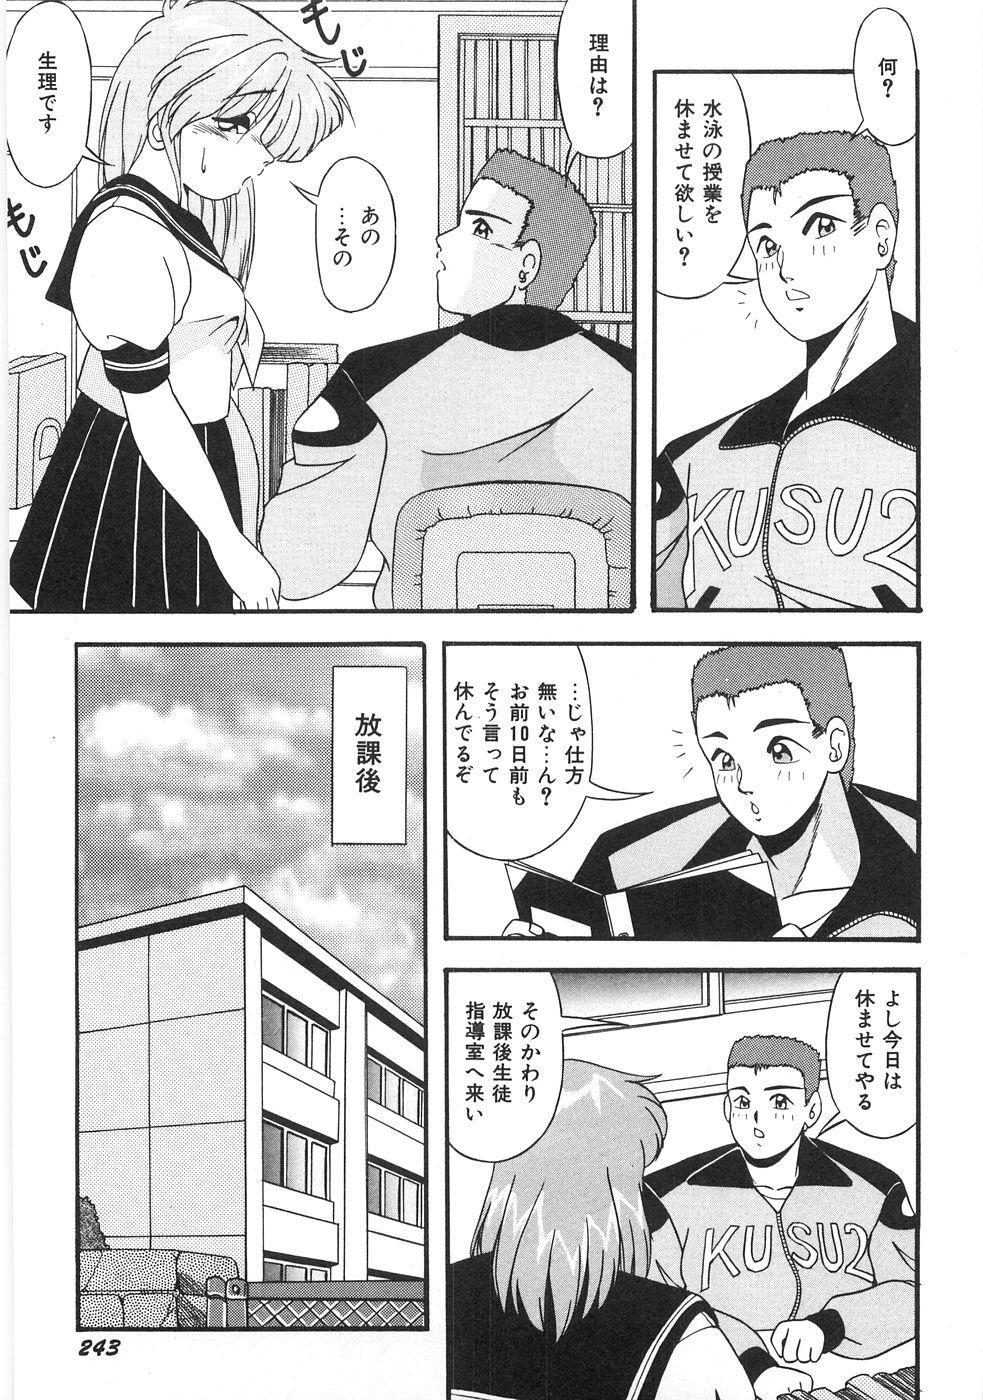 Seifuku Zukan Tenshi no Mitsugi 248